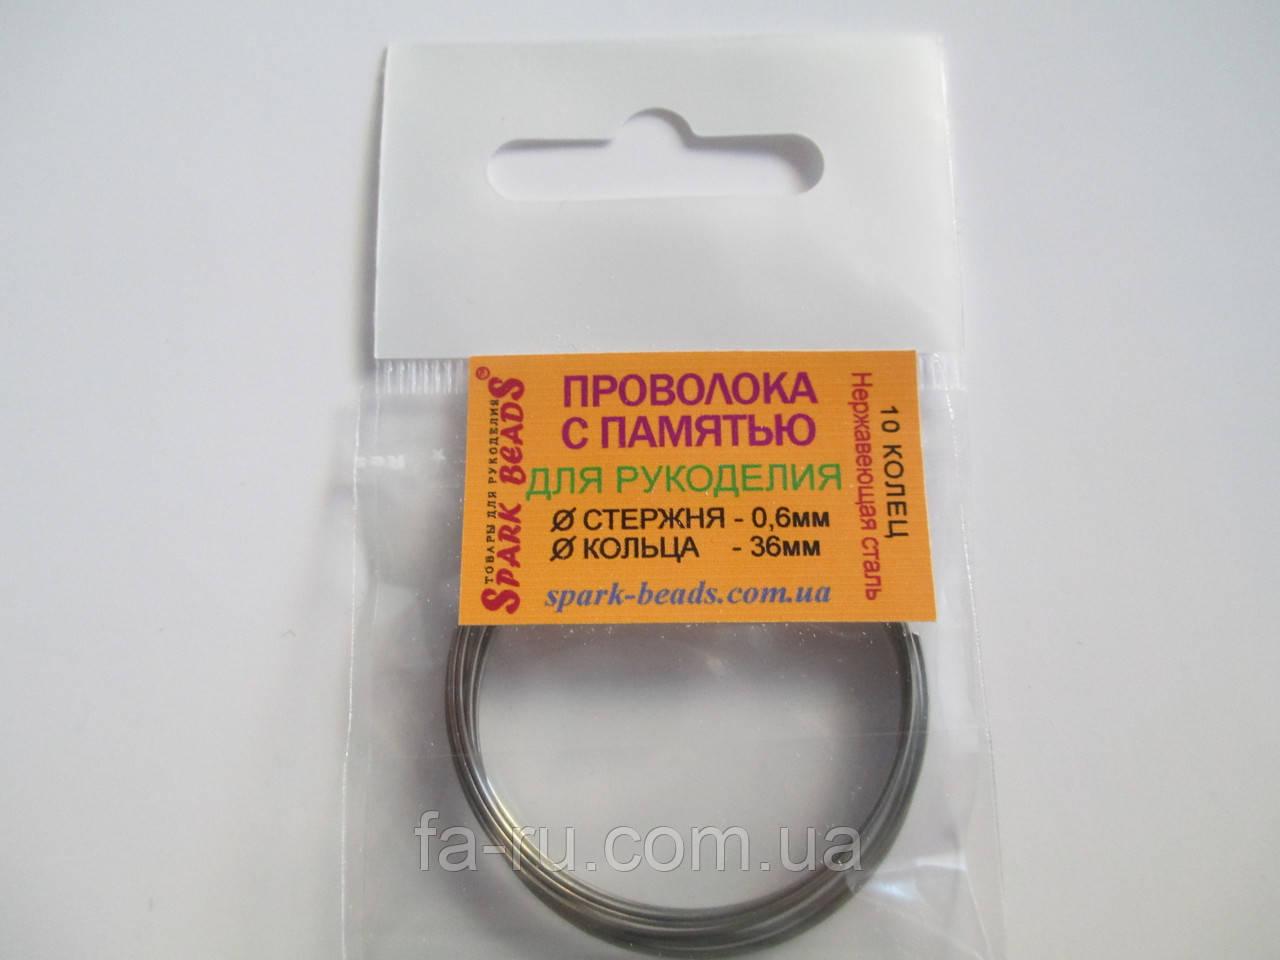 Проволока с памятью, цвет серебро, диаметр кольца 36 мм, диаметр стержня проволоки 0,6 мм.